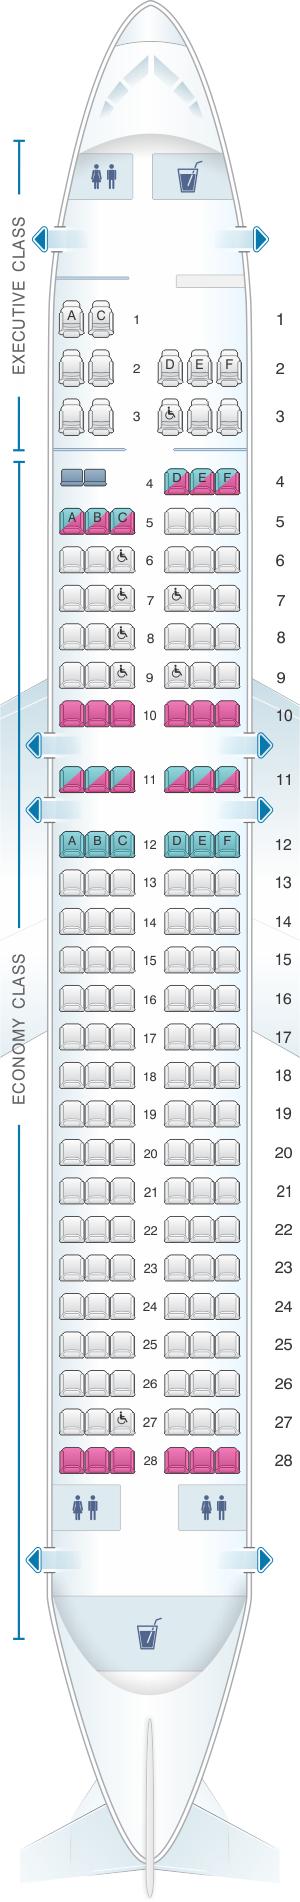 Seat map for SATA Air Açores Airbus A320-200 Config.1